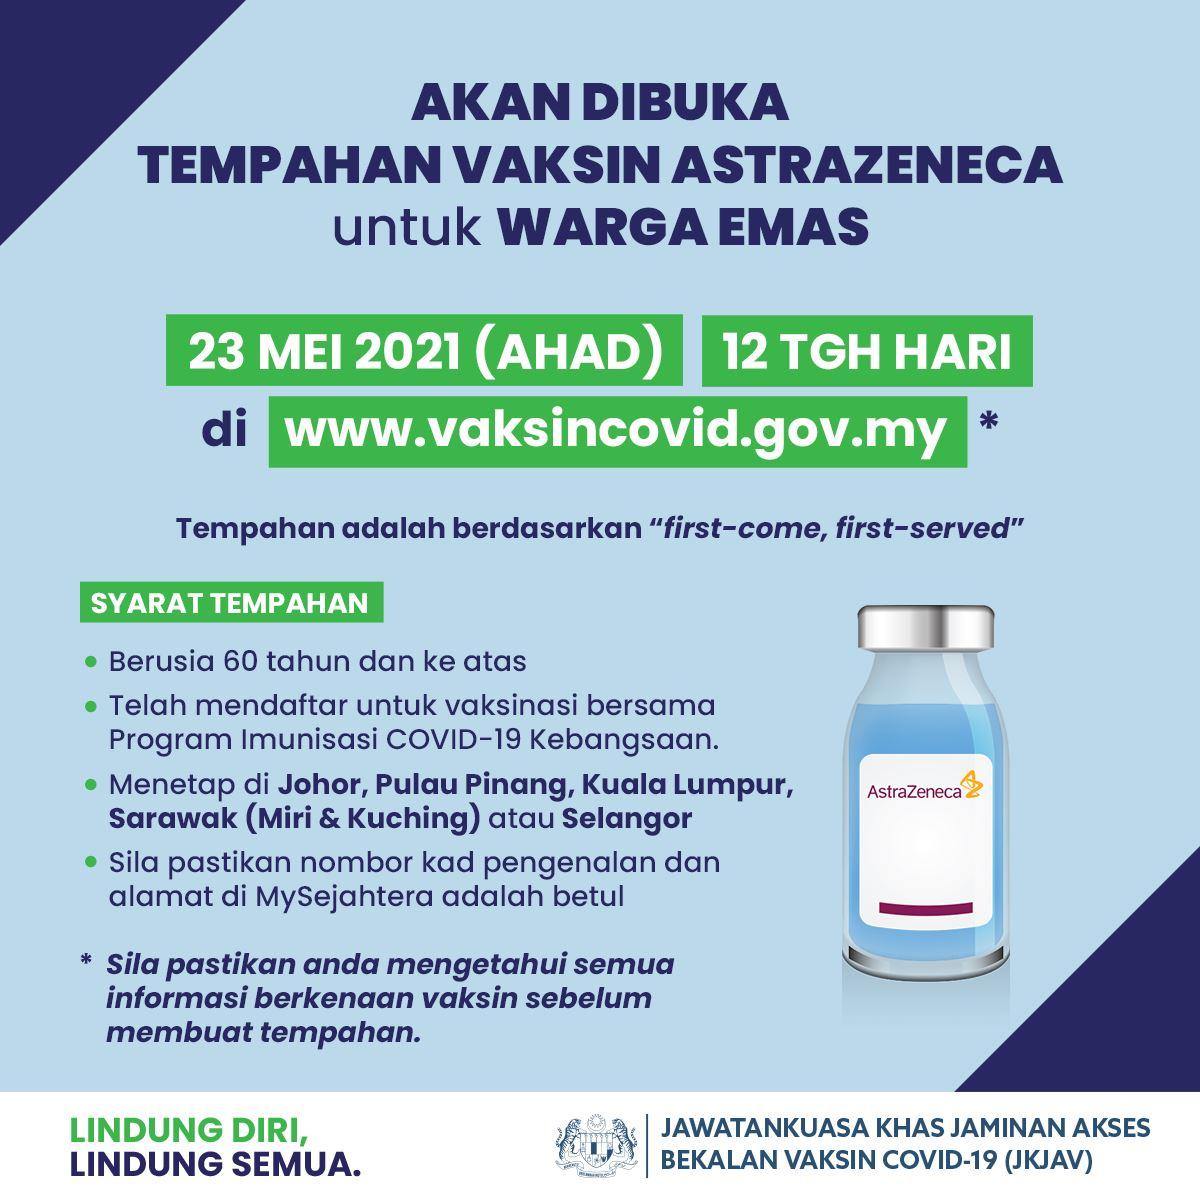 kumpulan kedua vaksin astrazeneca selamat tiba di malaysia